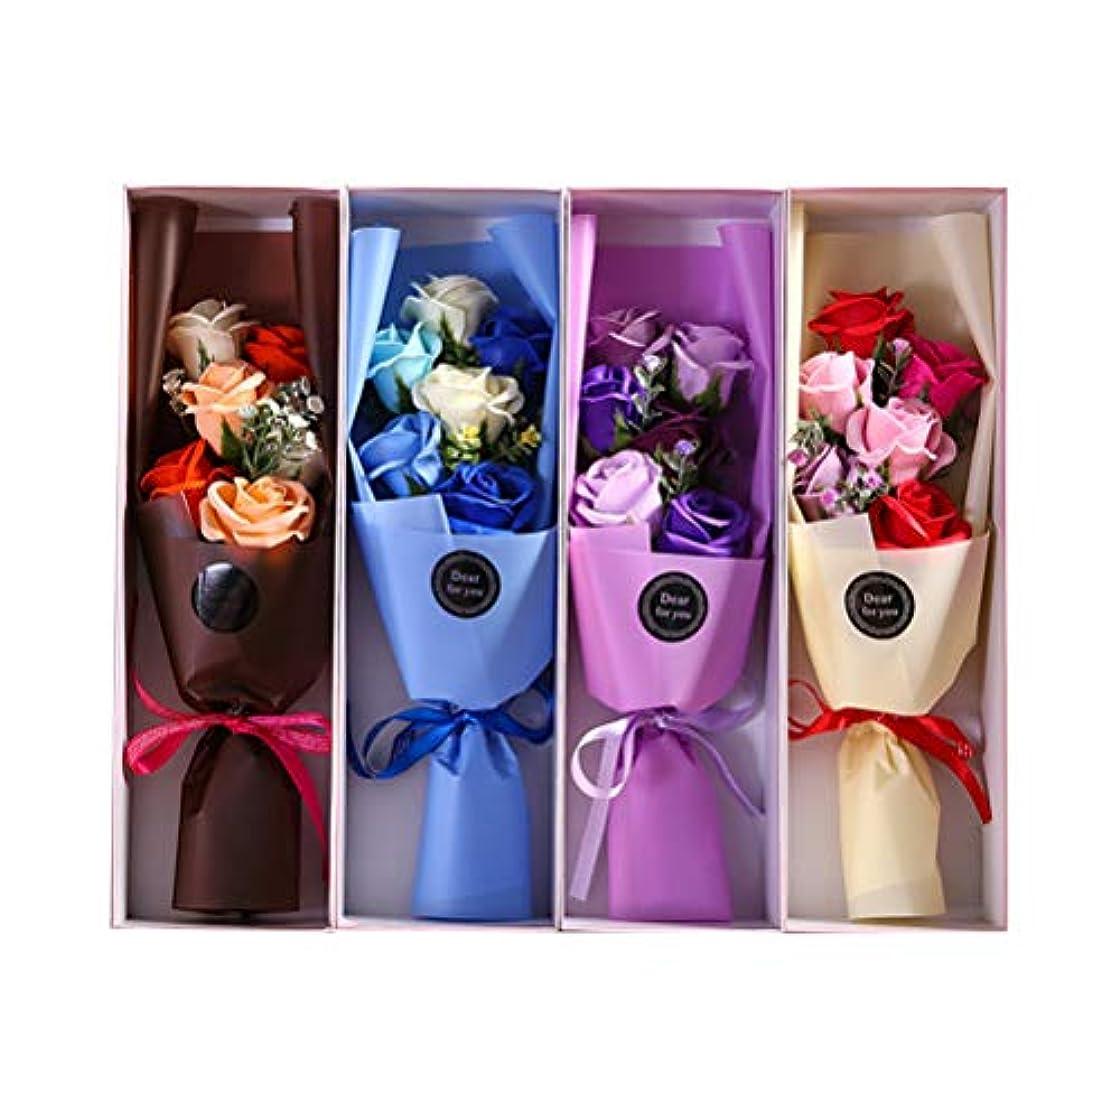 側溝レイアウト枝BESTOYARD 6PCS石鹸の花びら人工石鹸の花のバラのギフトボックスカップルバレンタインデーのプレゼント(ランダムカラー)